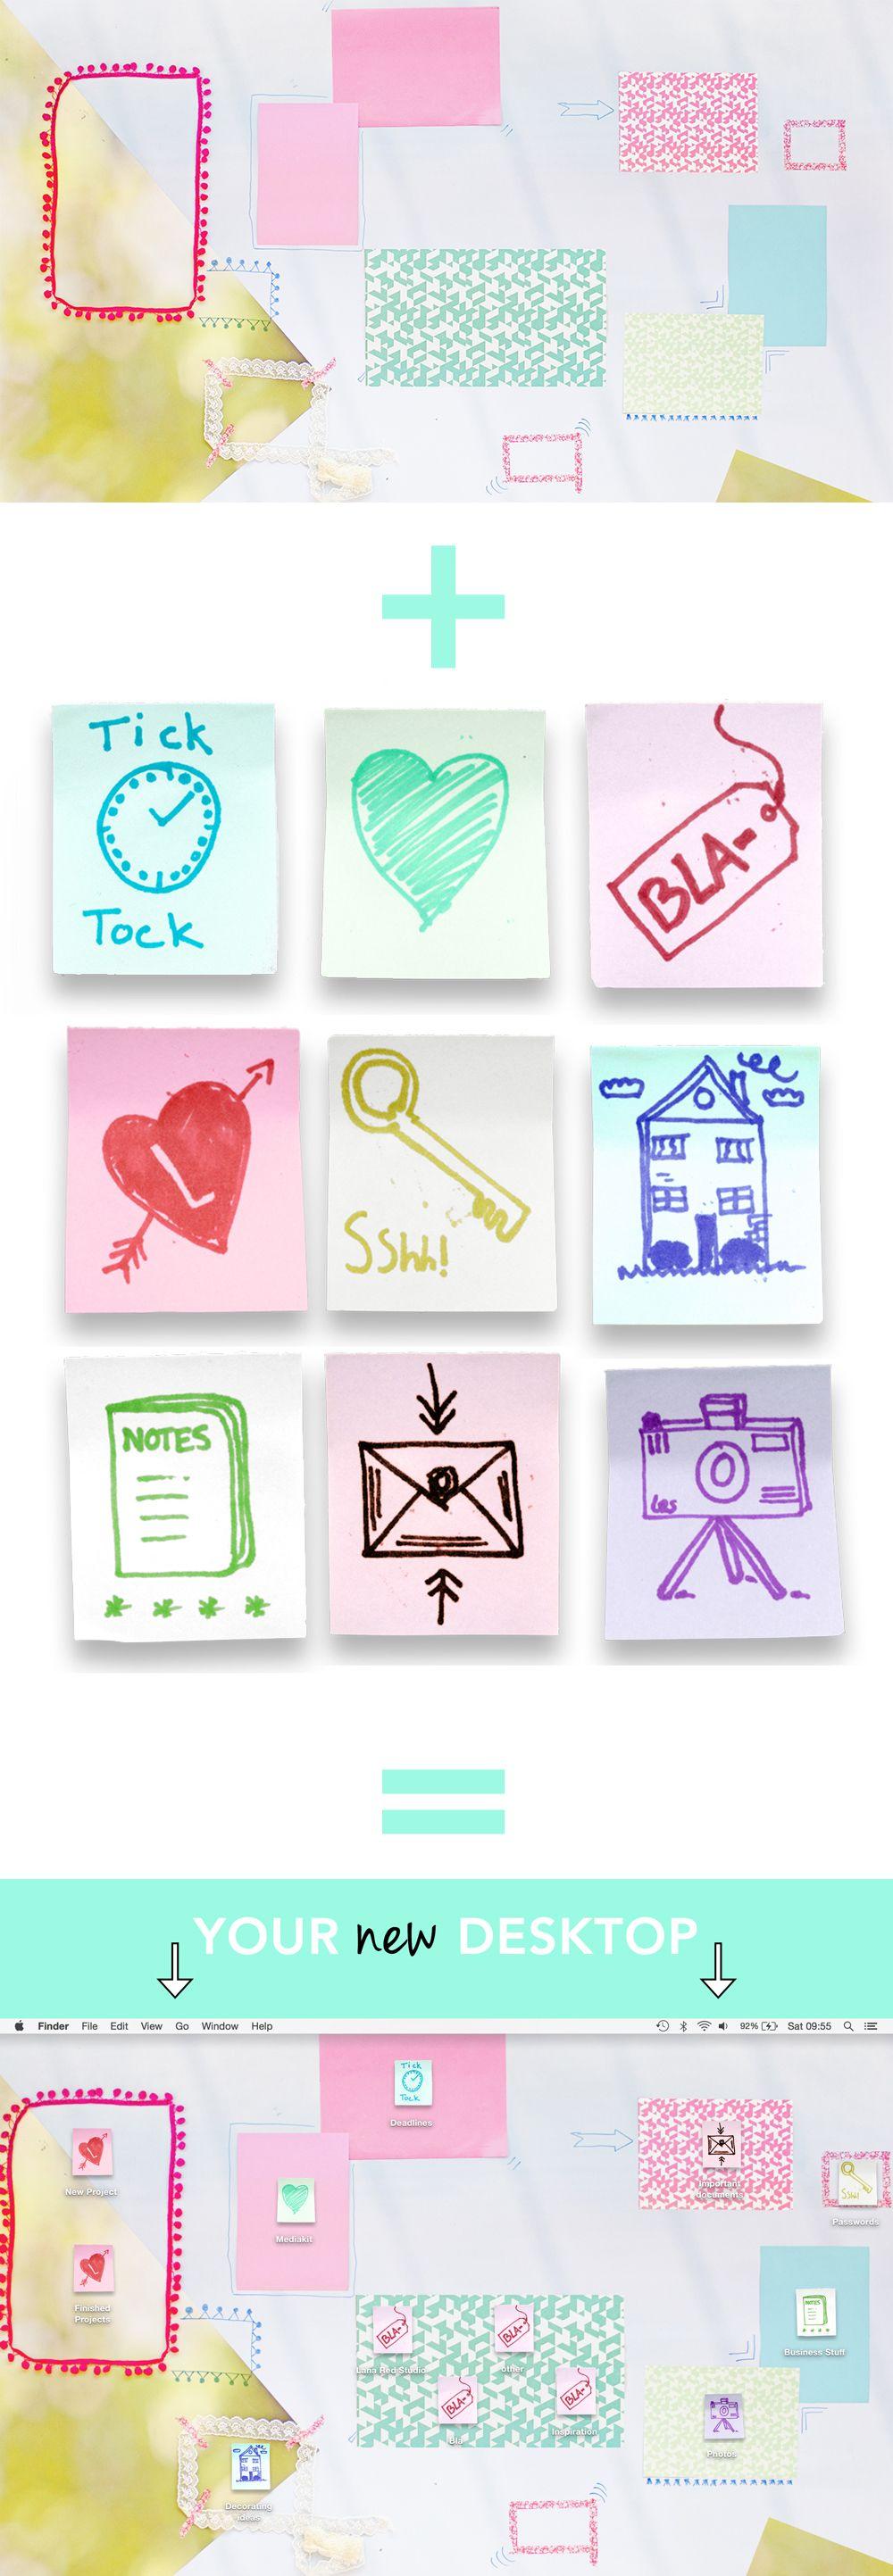 TECH Desktop icons, Graphic design fonts, Folder icon